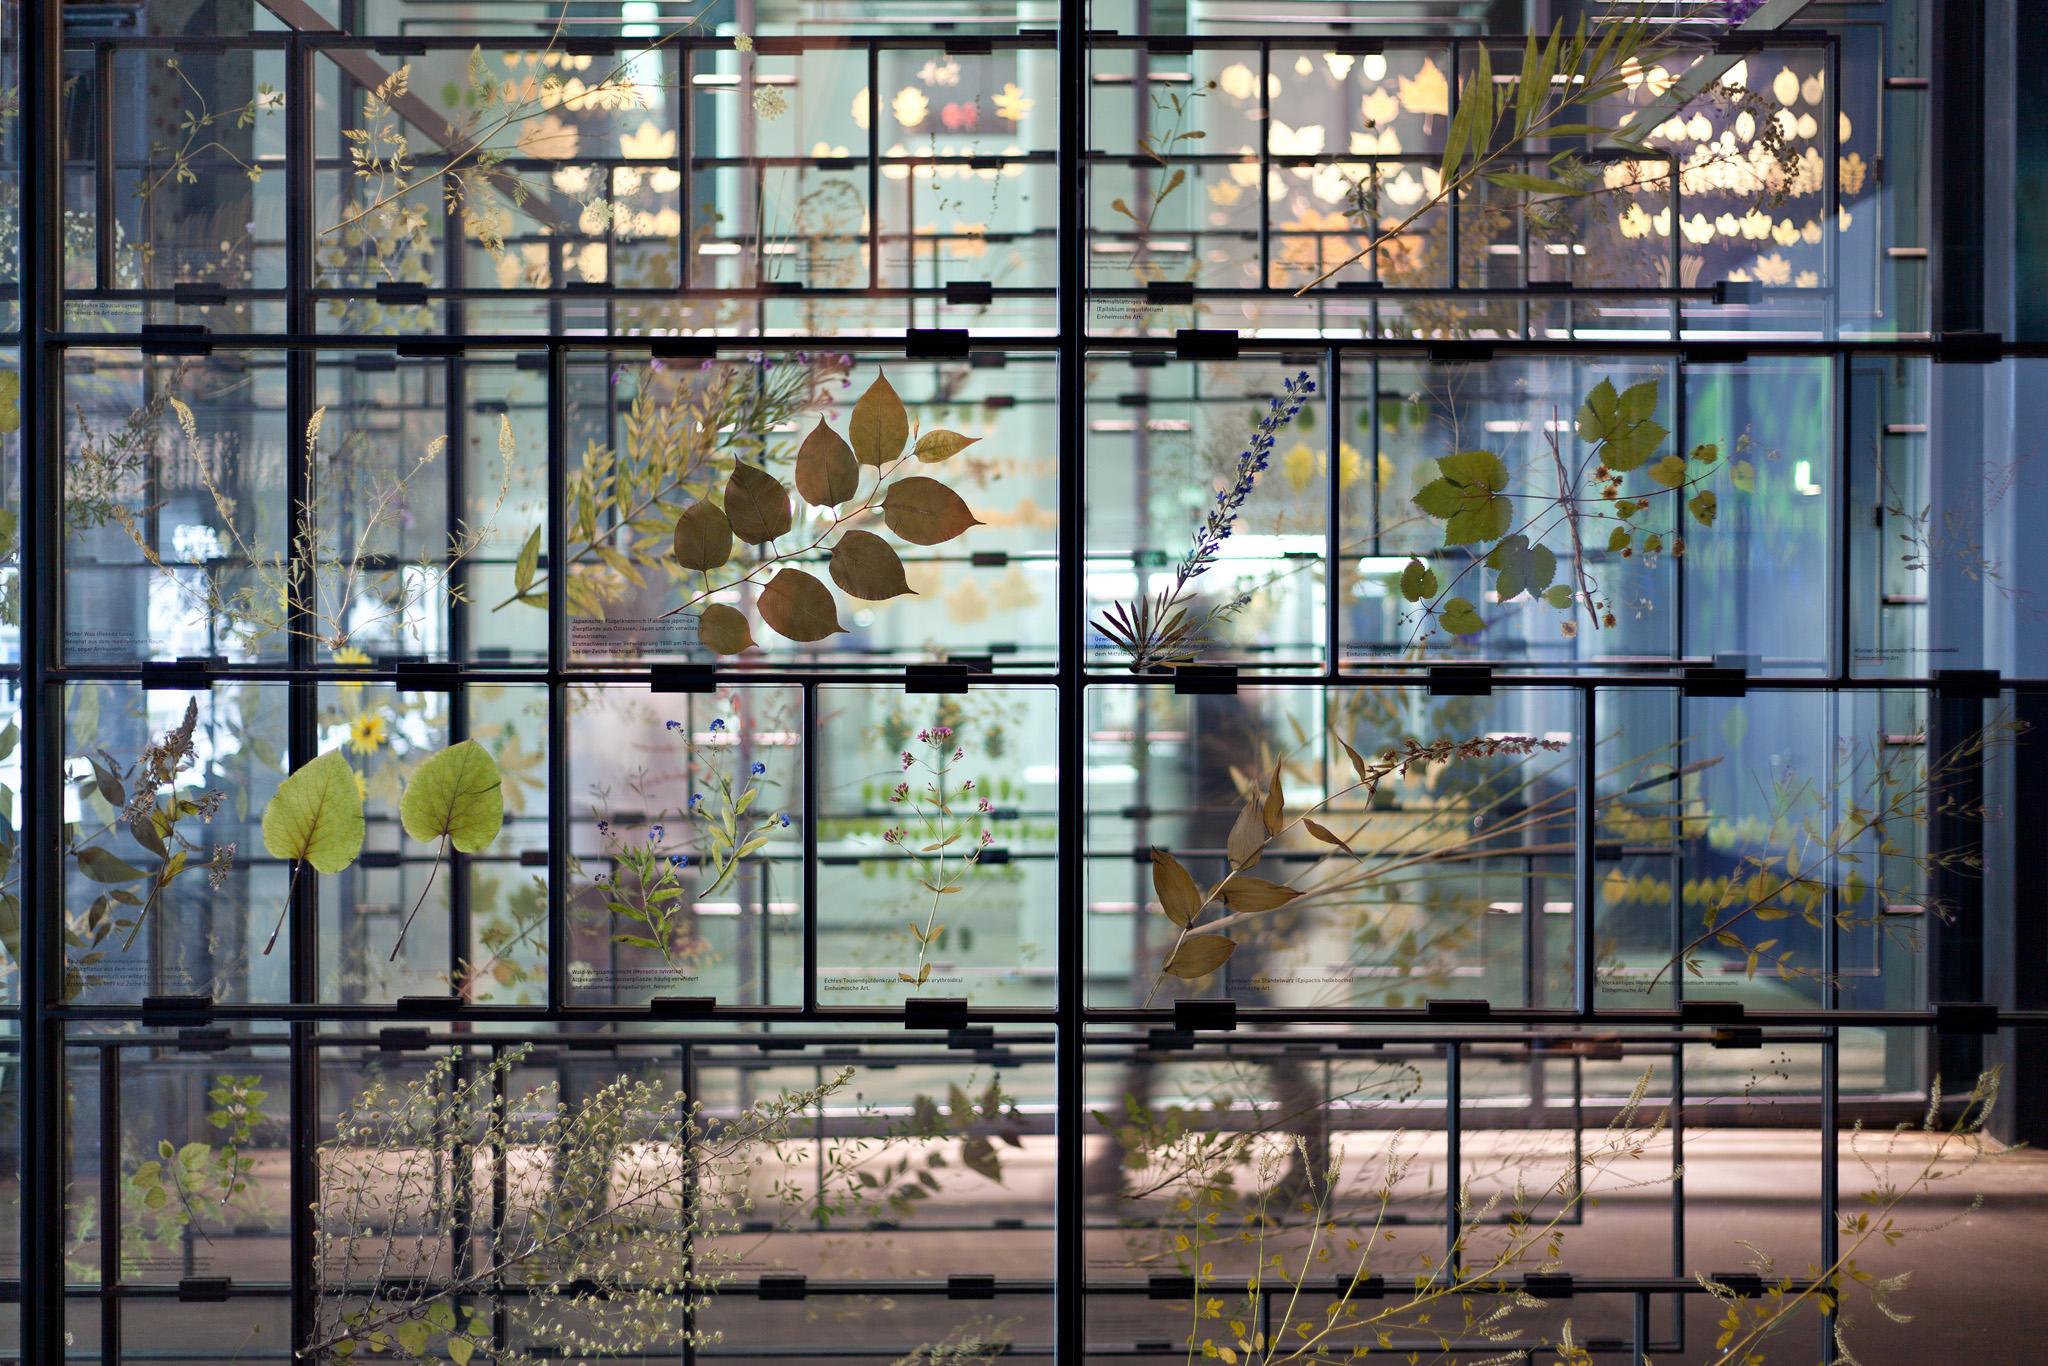 Einblick in eine Ausstellung mit getrockneten Pflanzen